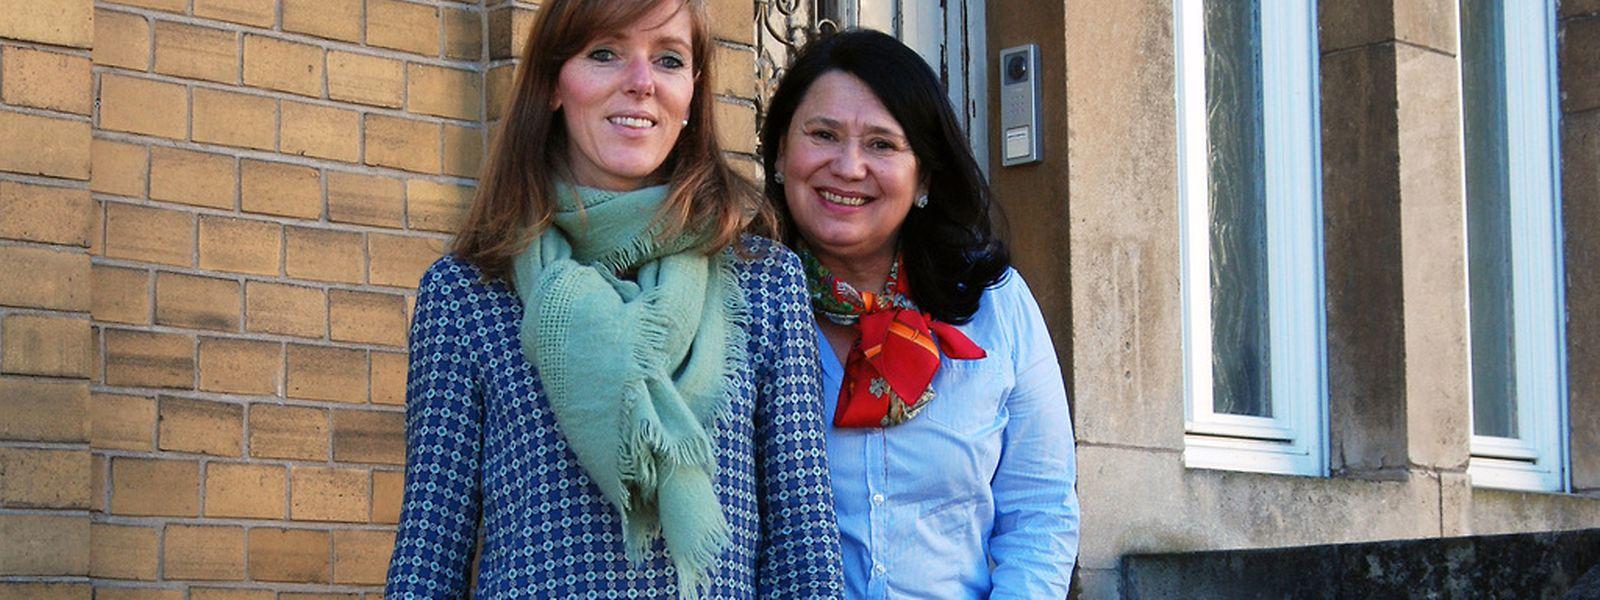 """Simone Thill (à esquerda, na foto) e Maria Berg, respectivamente presidente e secretária da associação """"Trauerwee"""" (Caminho do luto, em luxemburguês), respectivamente"""